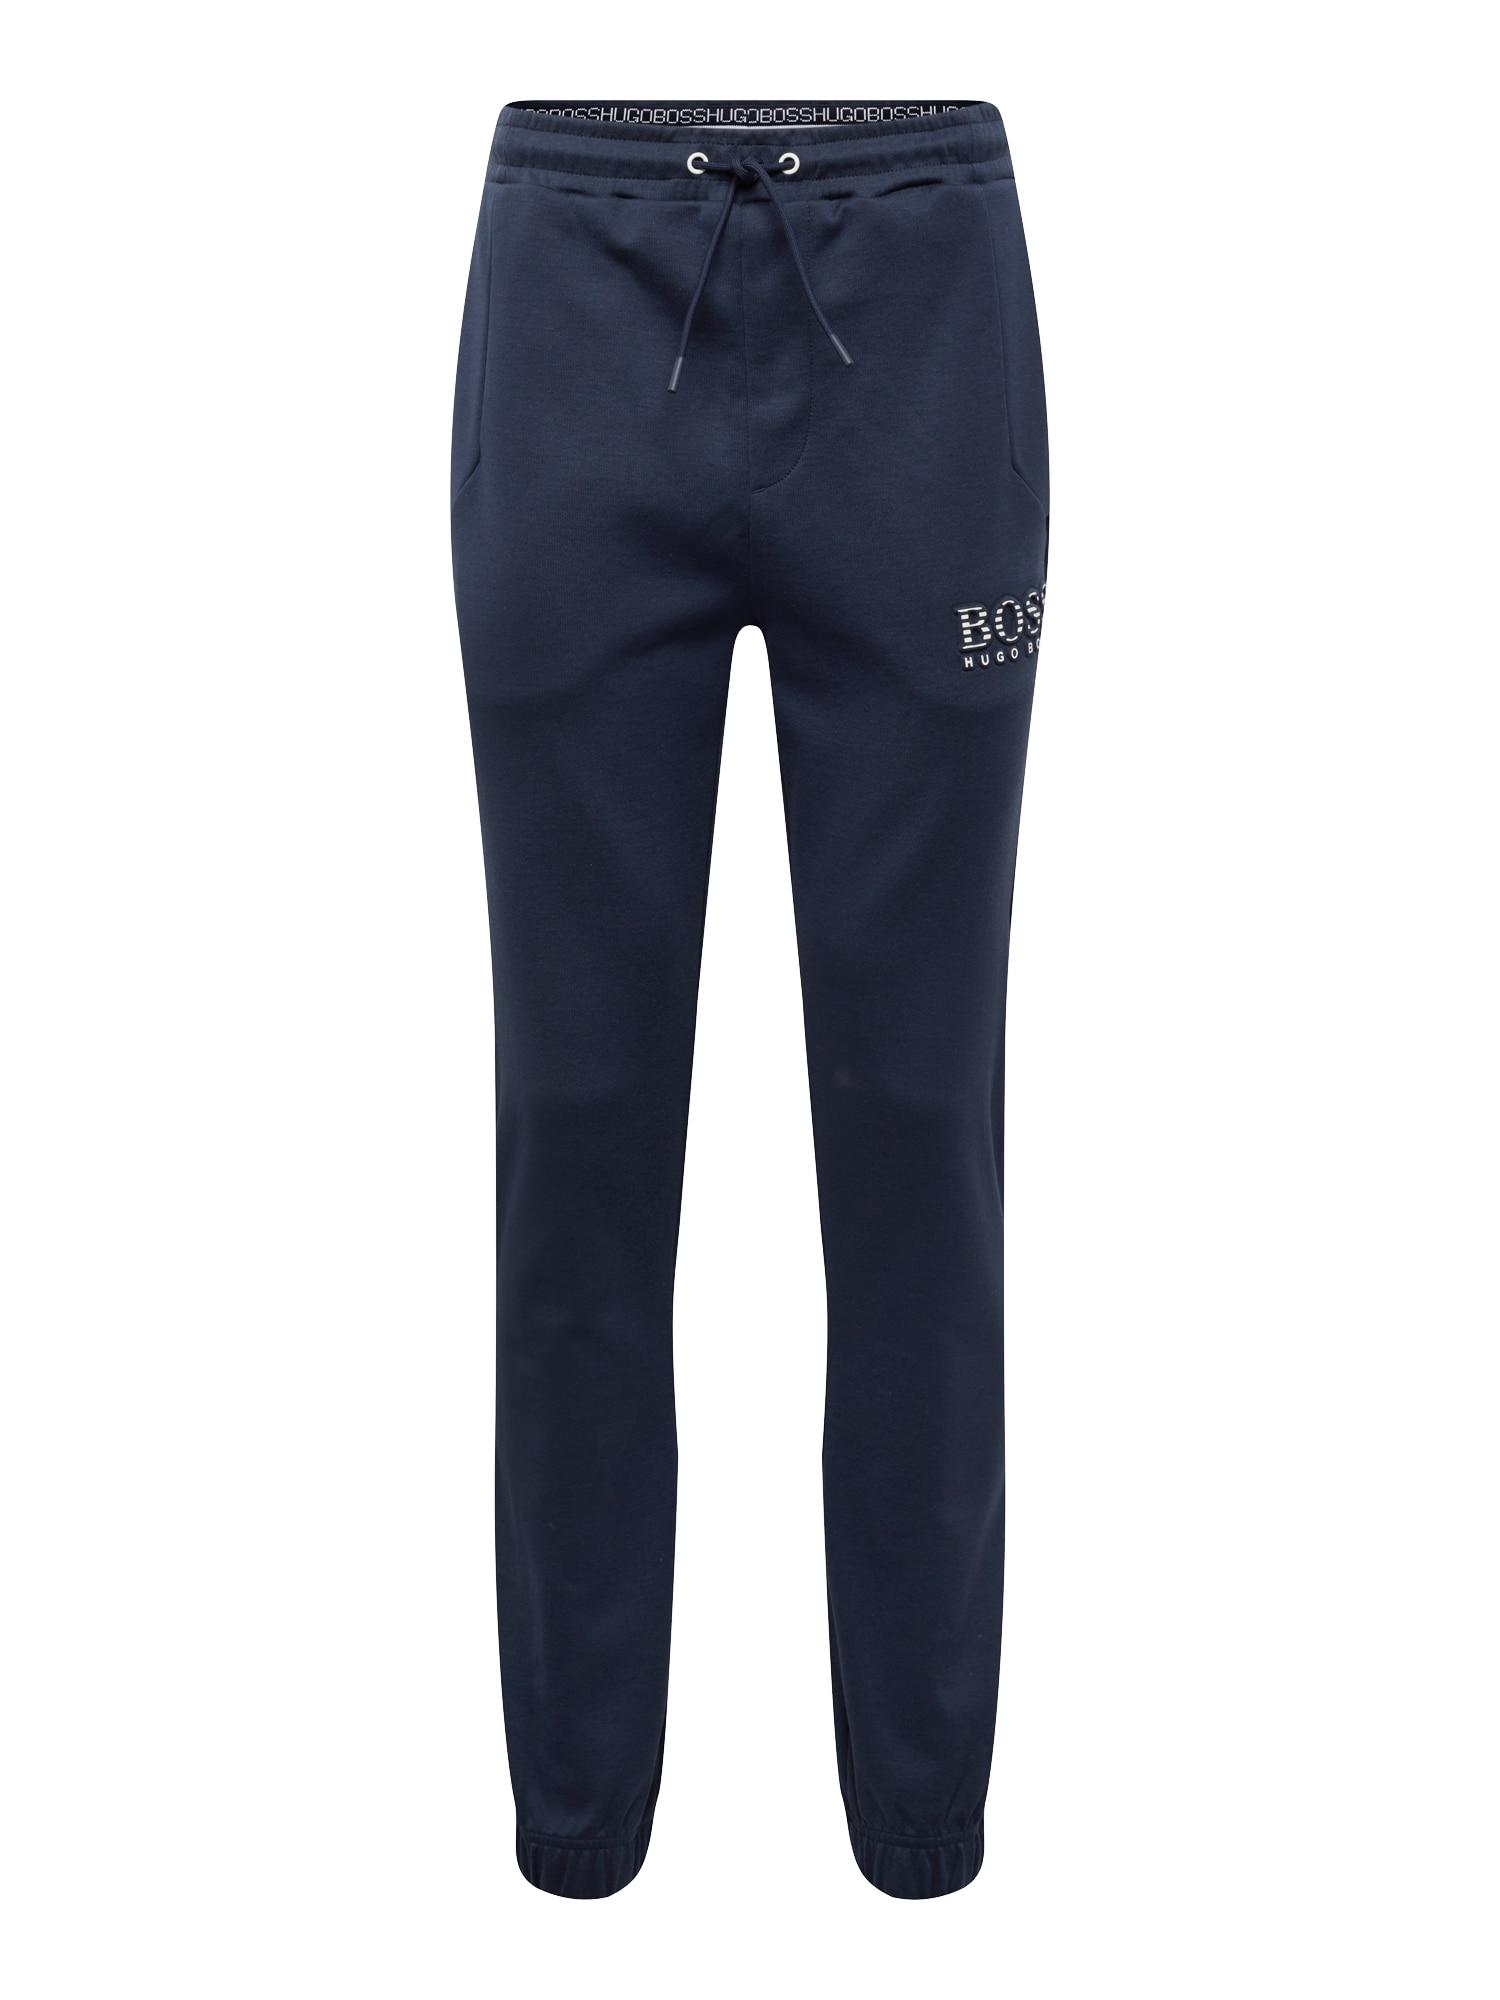 Kalhoty Hadiko 10134333 01 námořnická modř BOSS